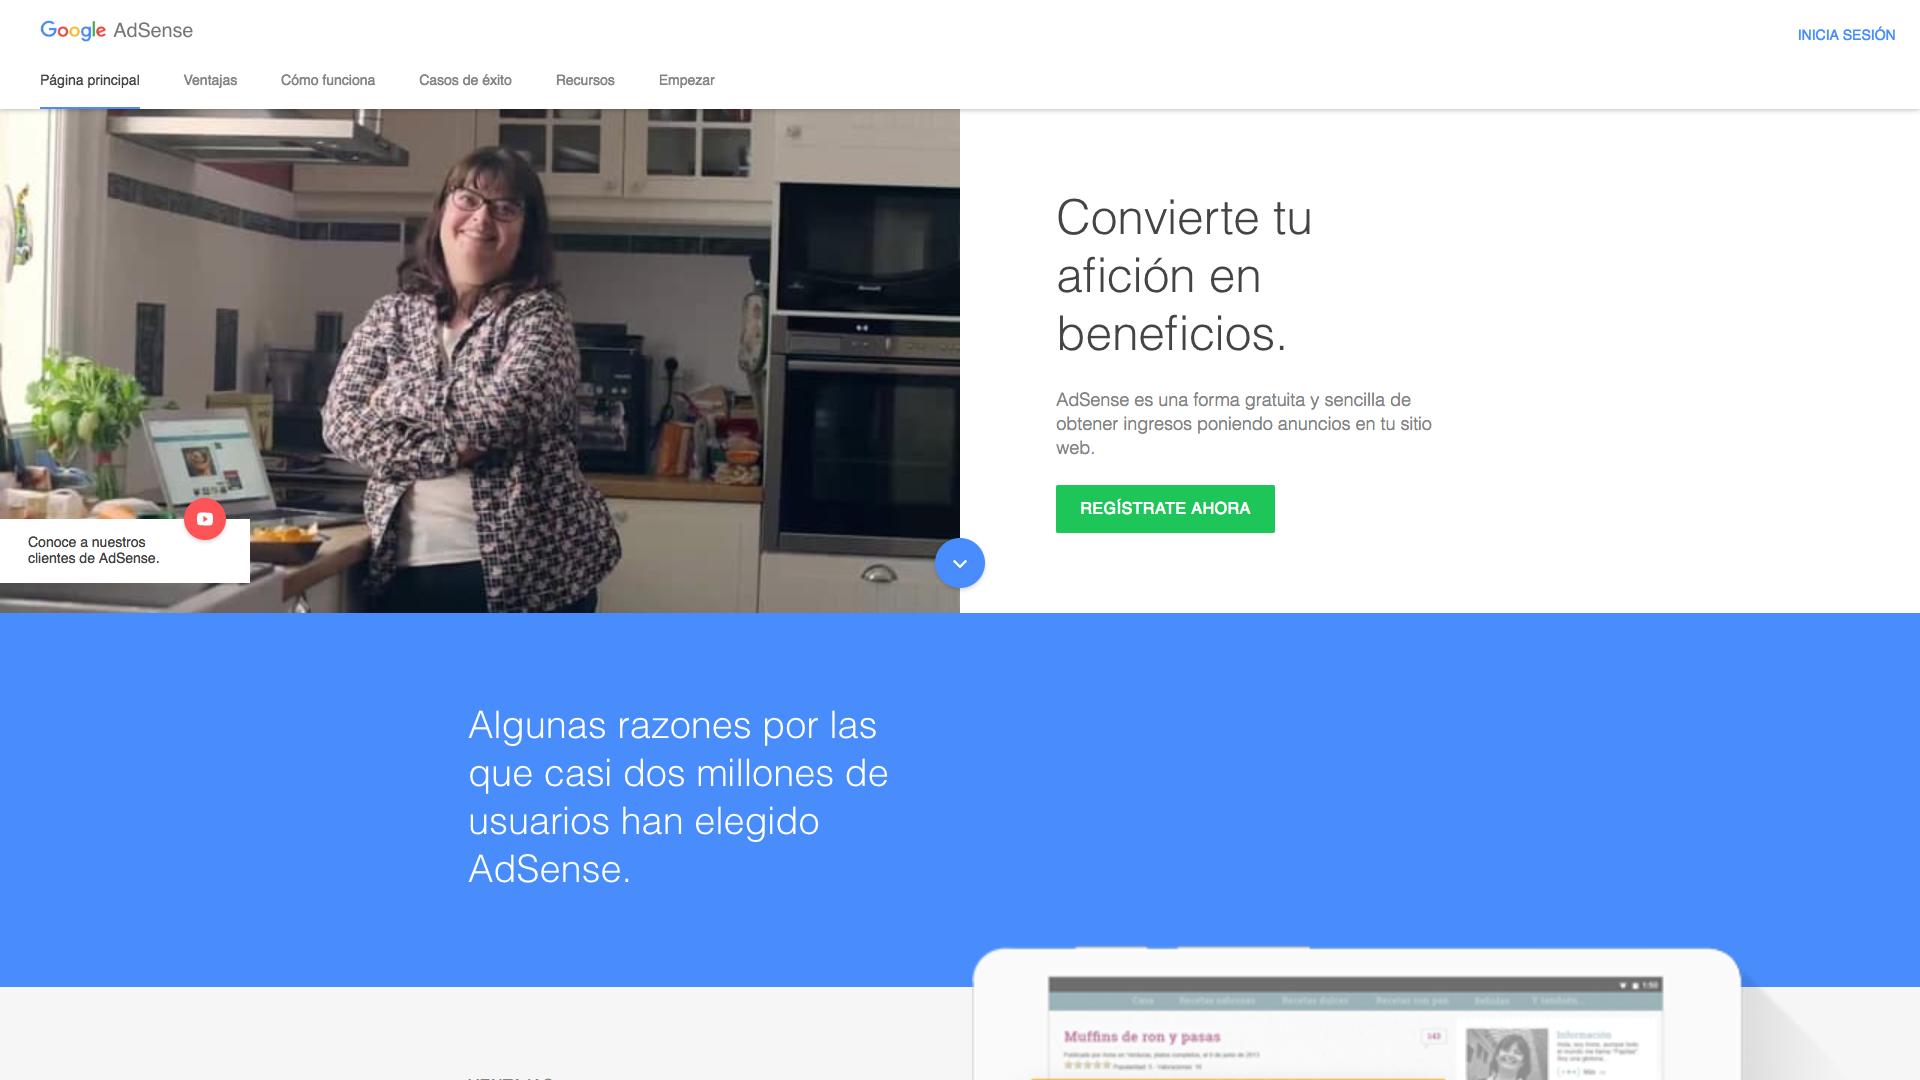 Google AdSense - 9 Formas de ganar dinero, sin dejar tu trabajo